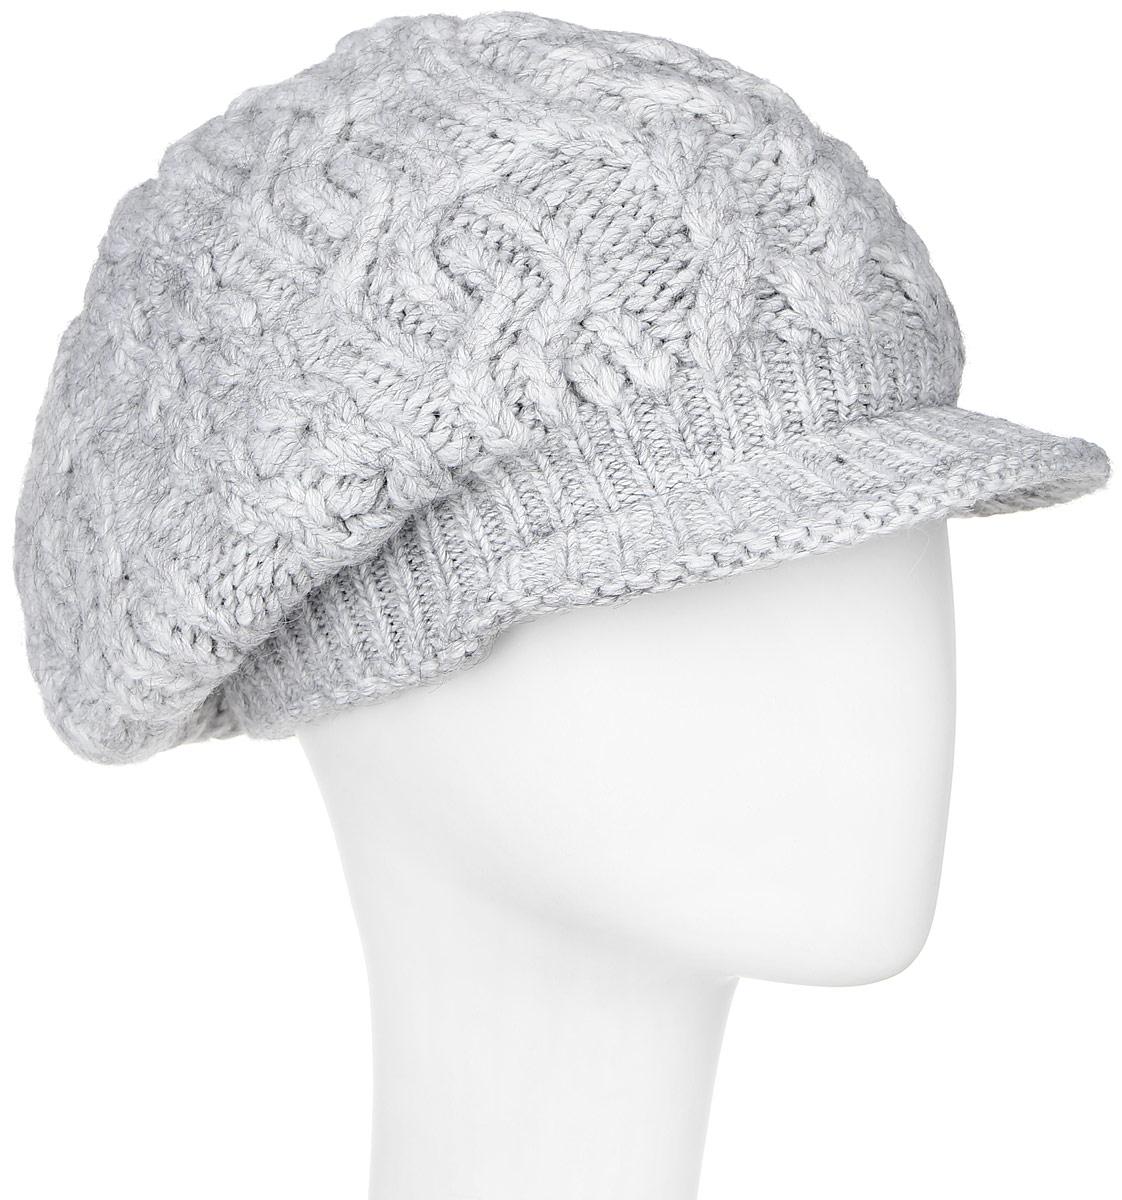 261923V-22Женская шапка Vittorio Richi выполнена из сочетания шерсти и акрила. Оформлена модель объемной вязкой и дополнена козырьком. Уважаемые клиенты! Размер, доступный для заказа, является обхватом головы.